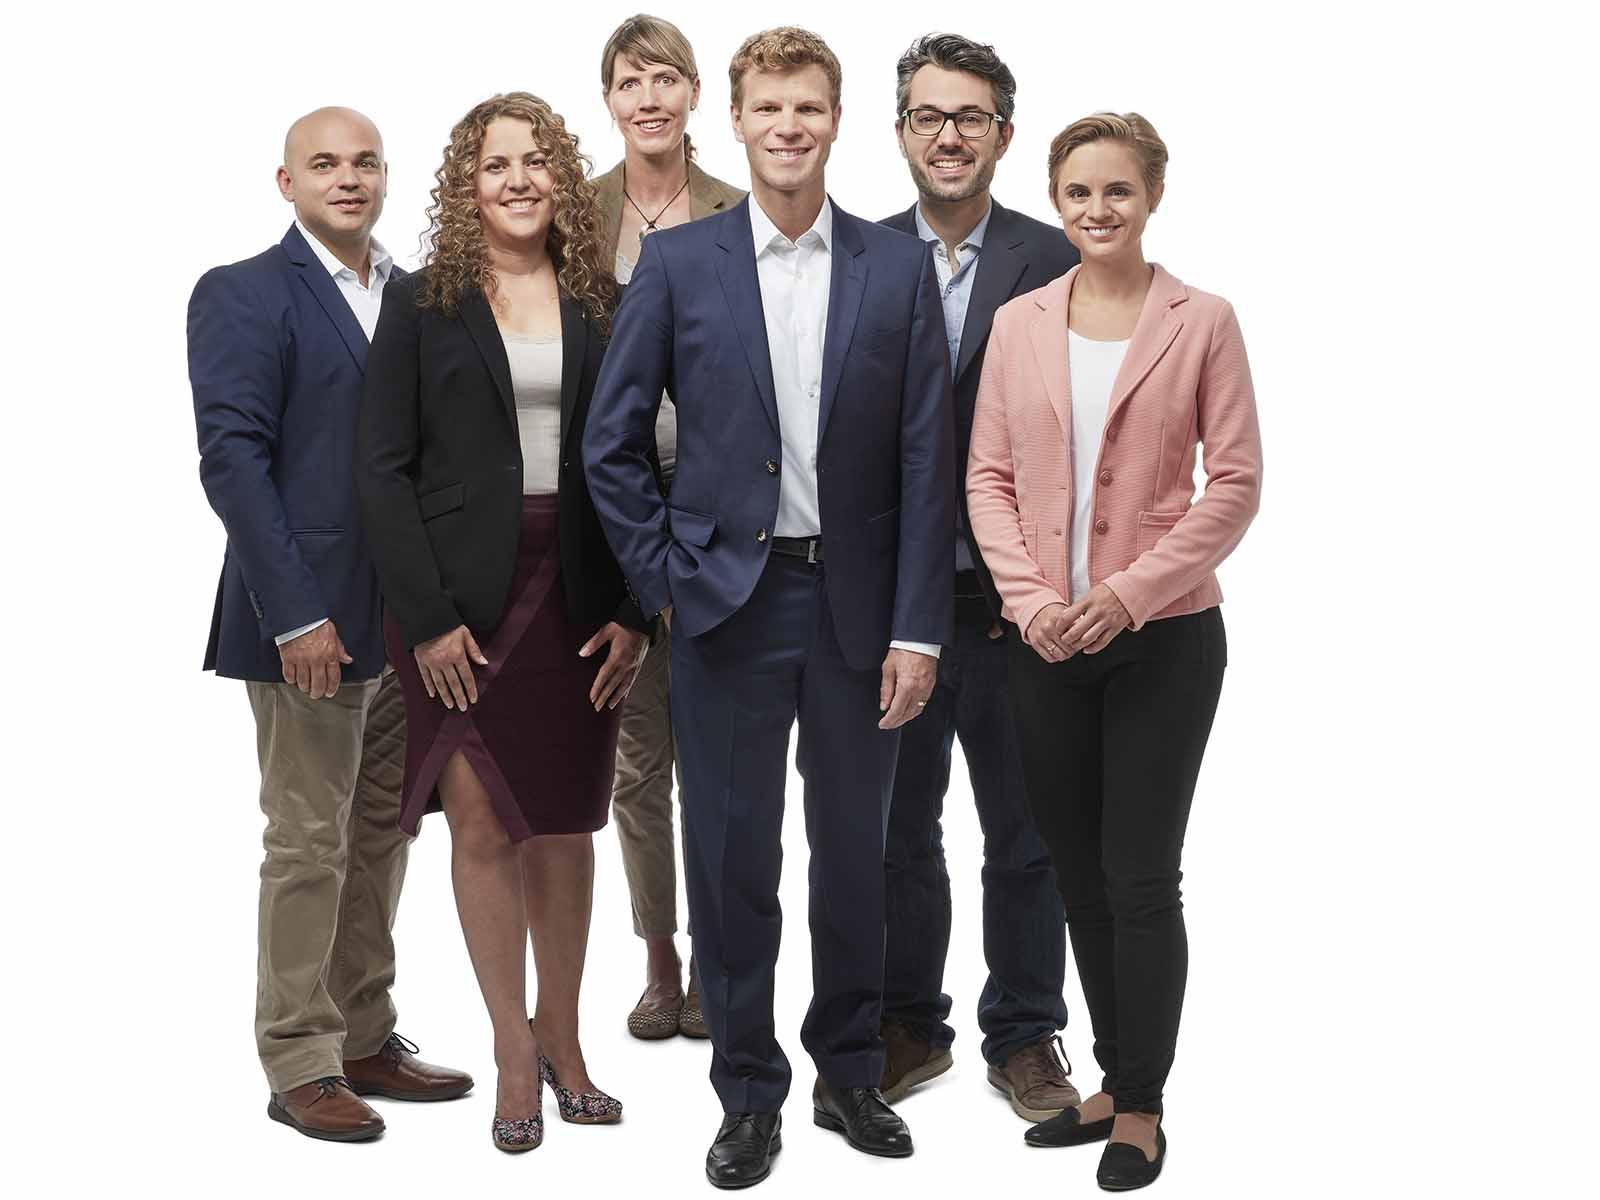 Die Top-Kandidaten der glp 6/10 Kantonsratsliste von links nach rechts: Ronny Siev, Daniela Güller, Simone Hofer, Danny Häuptli (bisher), Manuel Frick und Florine Angele.